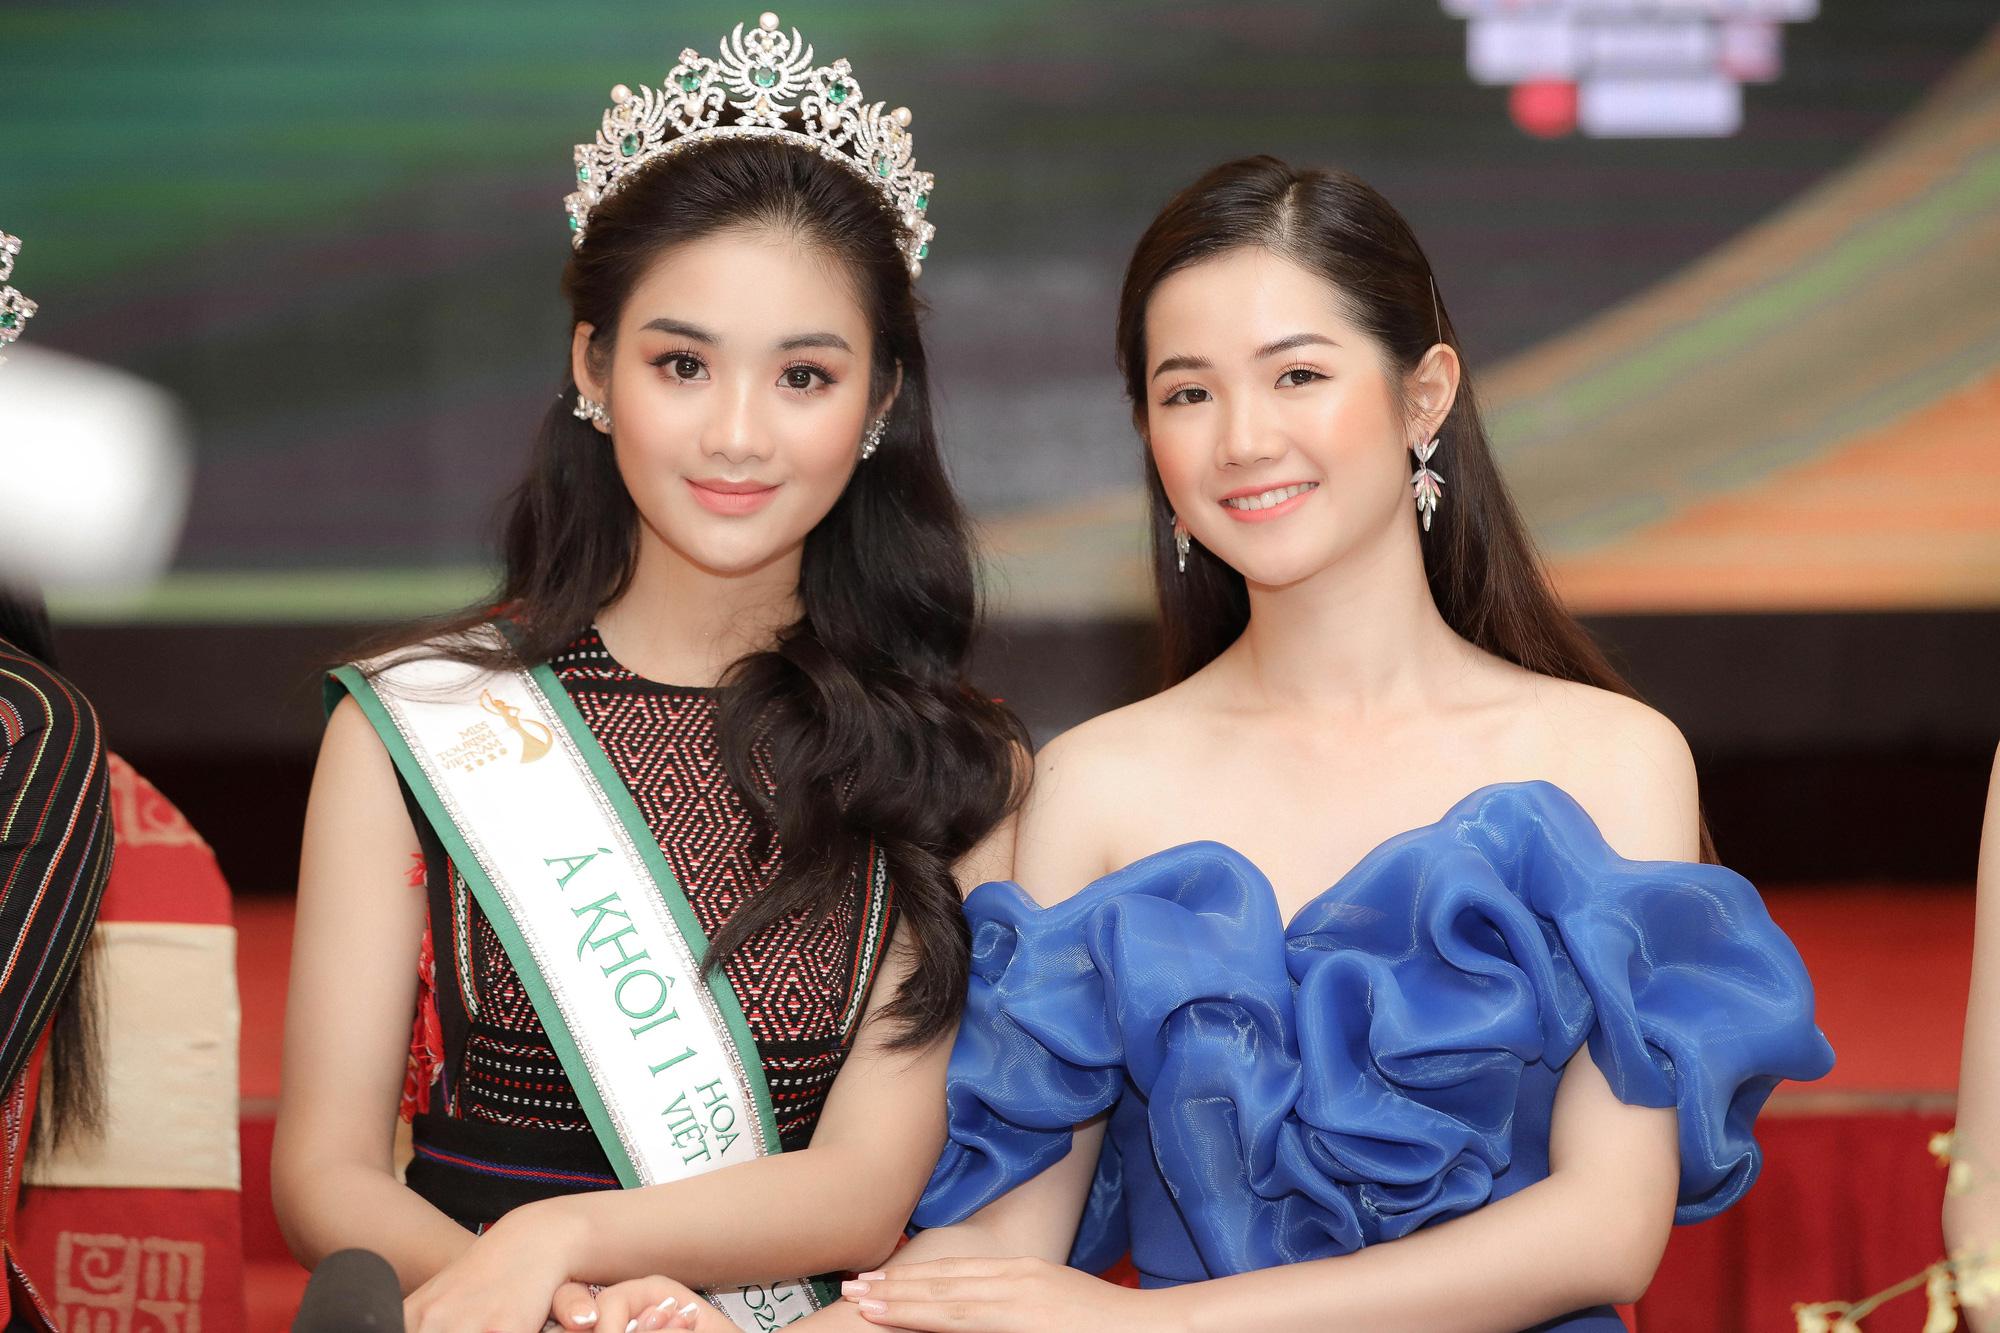 """Trưởng ban tổ chức Miss Tourism Vietnam: """"Chưa có thí sinh nào có thể đứng ở ngôi vị cao nhất"""" - Ảnh 2."""